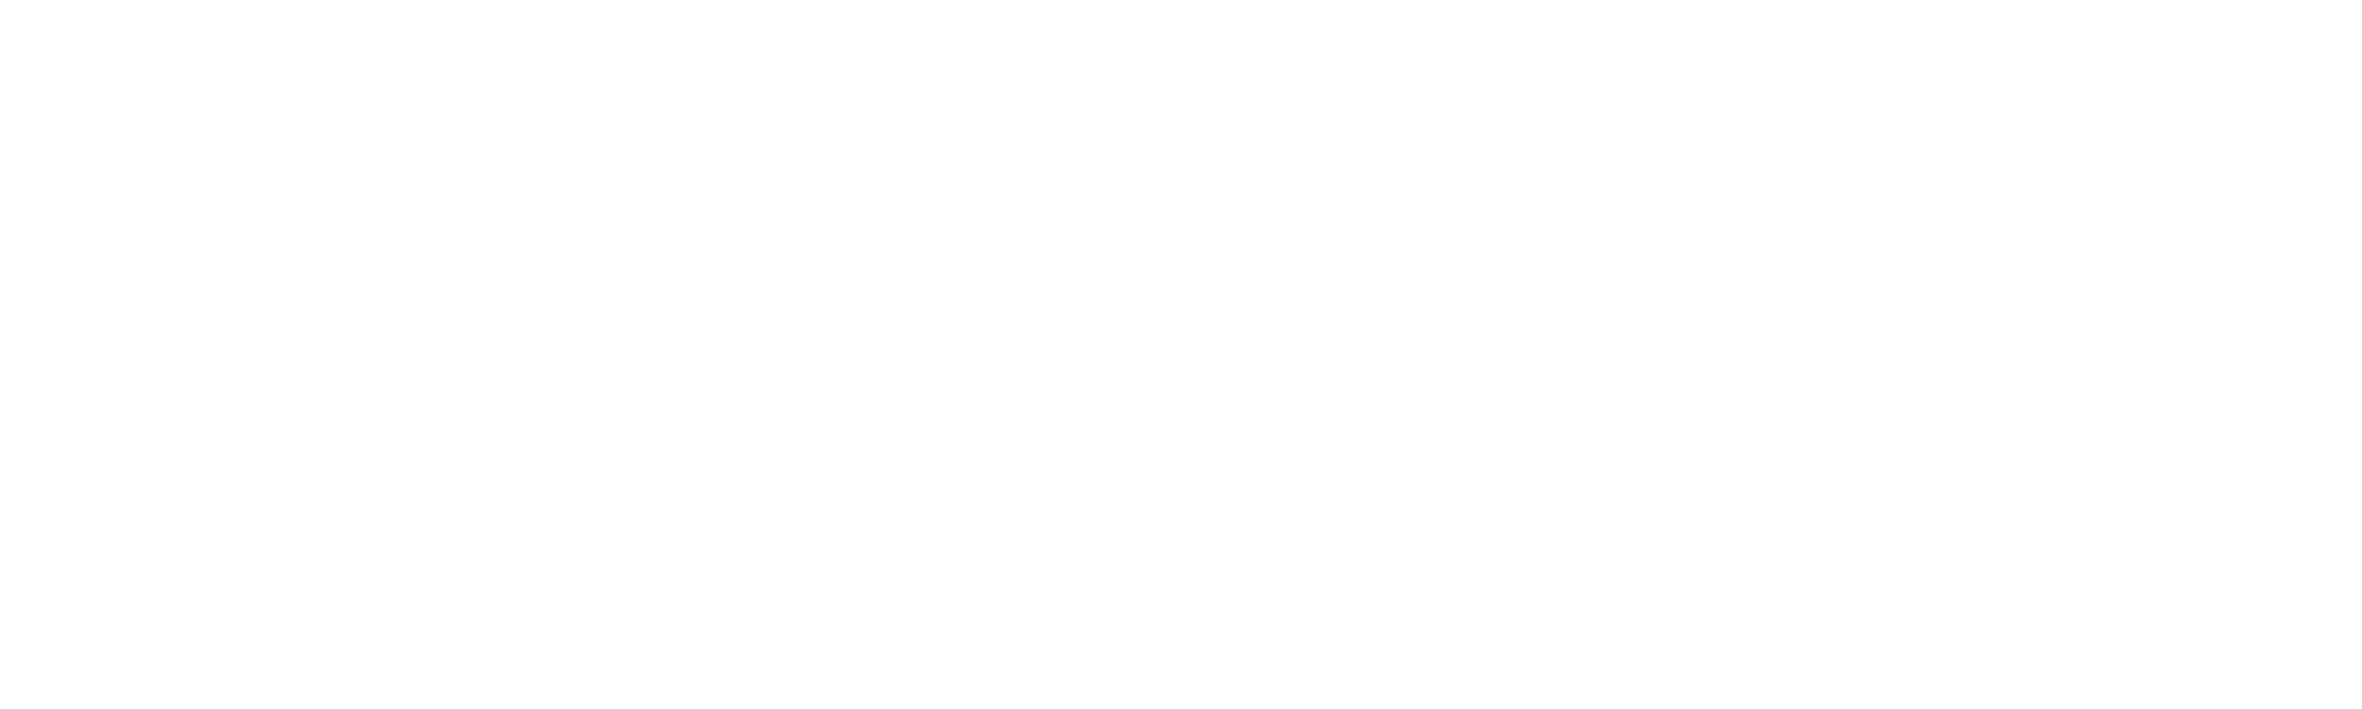 Frisørene & Esthetic - Hvit - To linjer